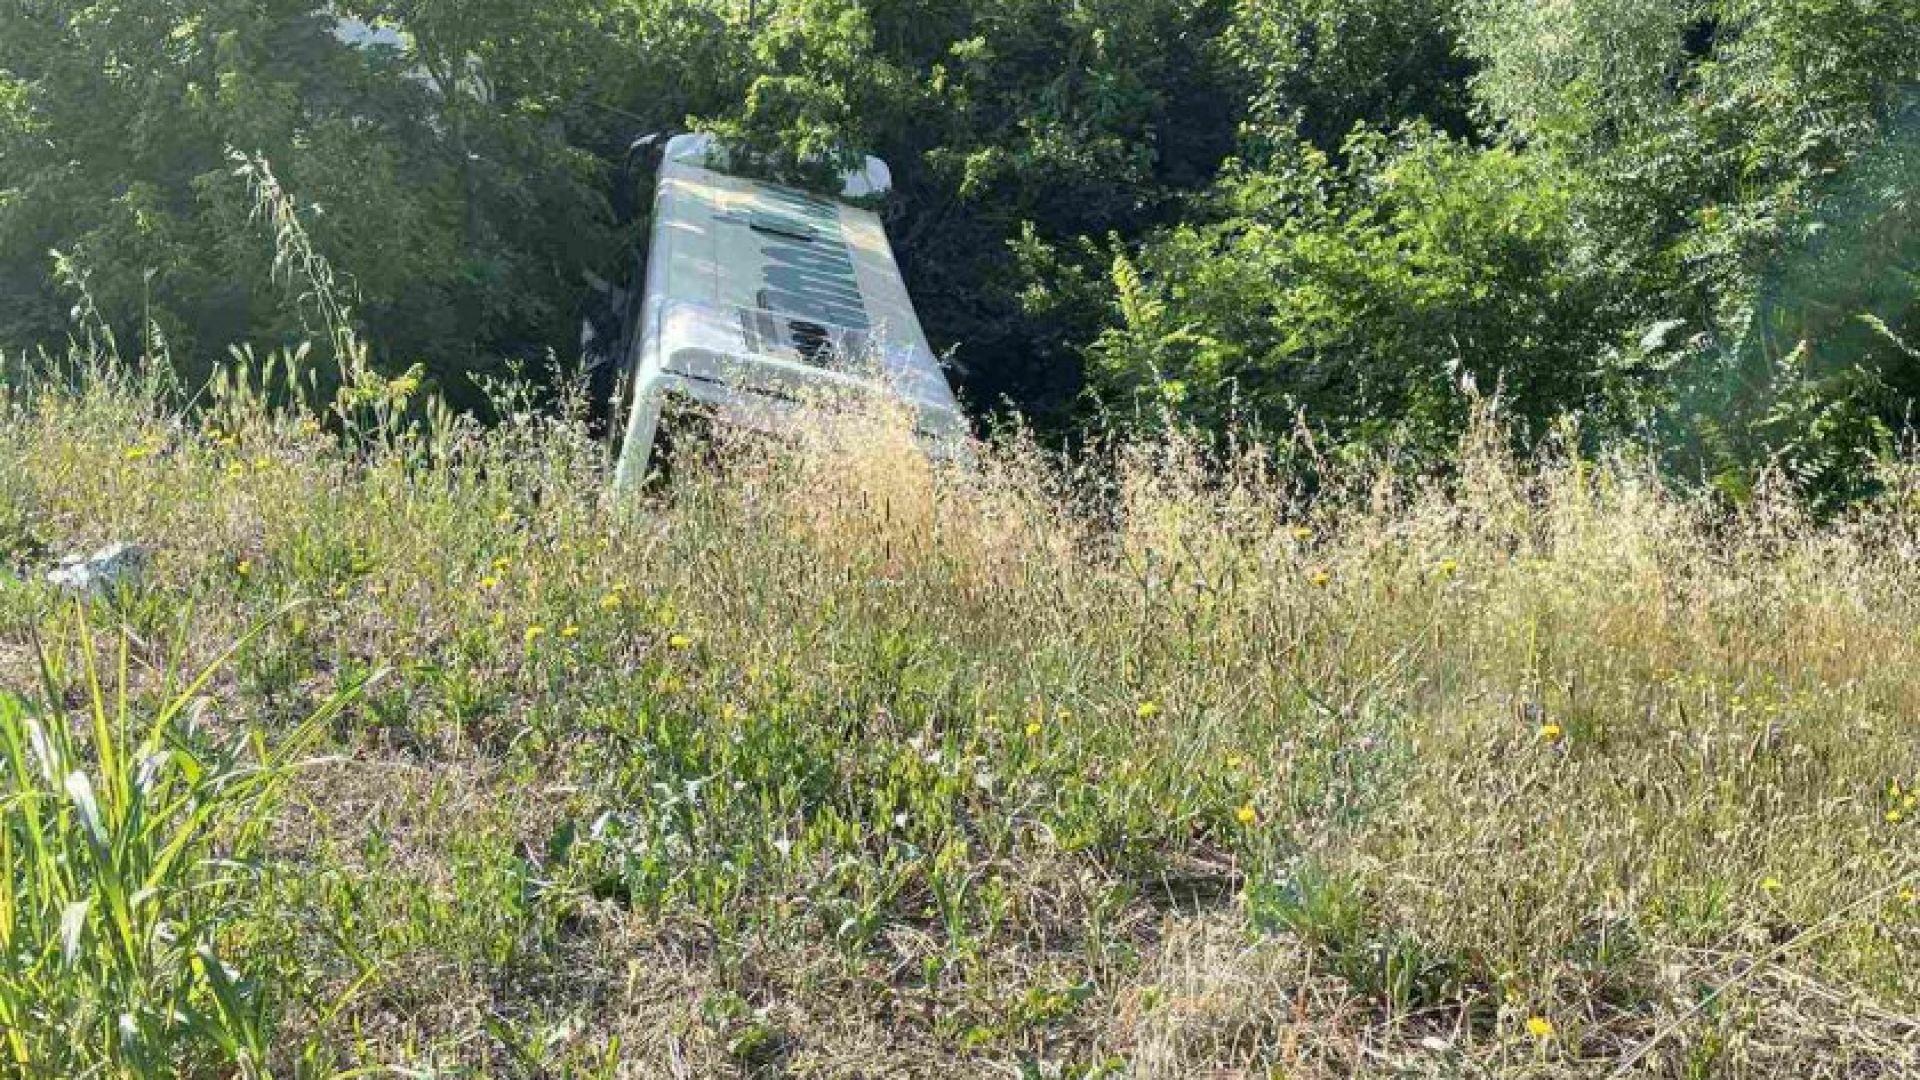 Автобус излезе от кръстовище и падна в дере в Стара Загора (снимки)